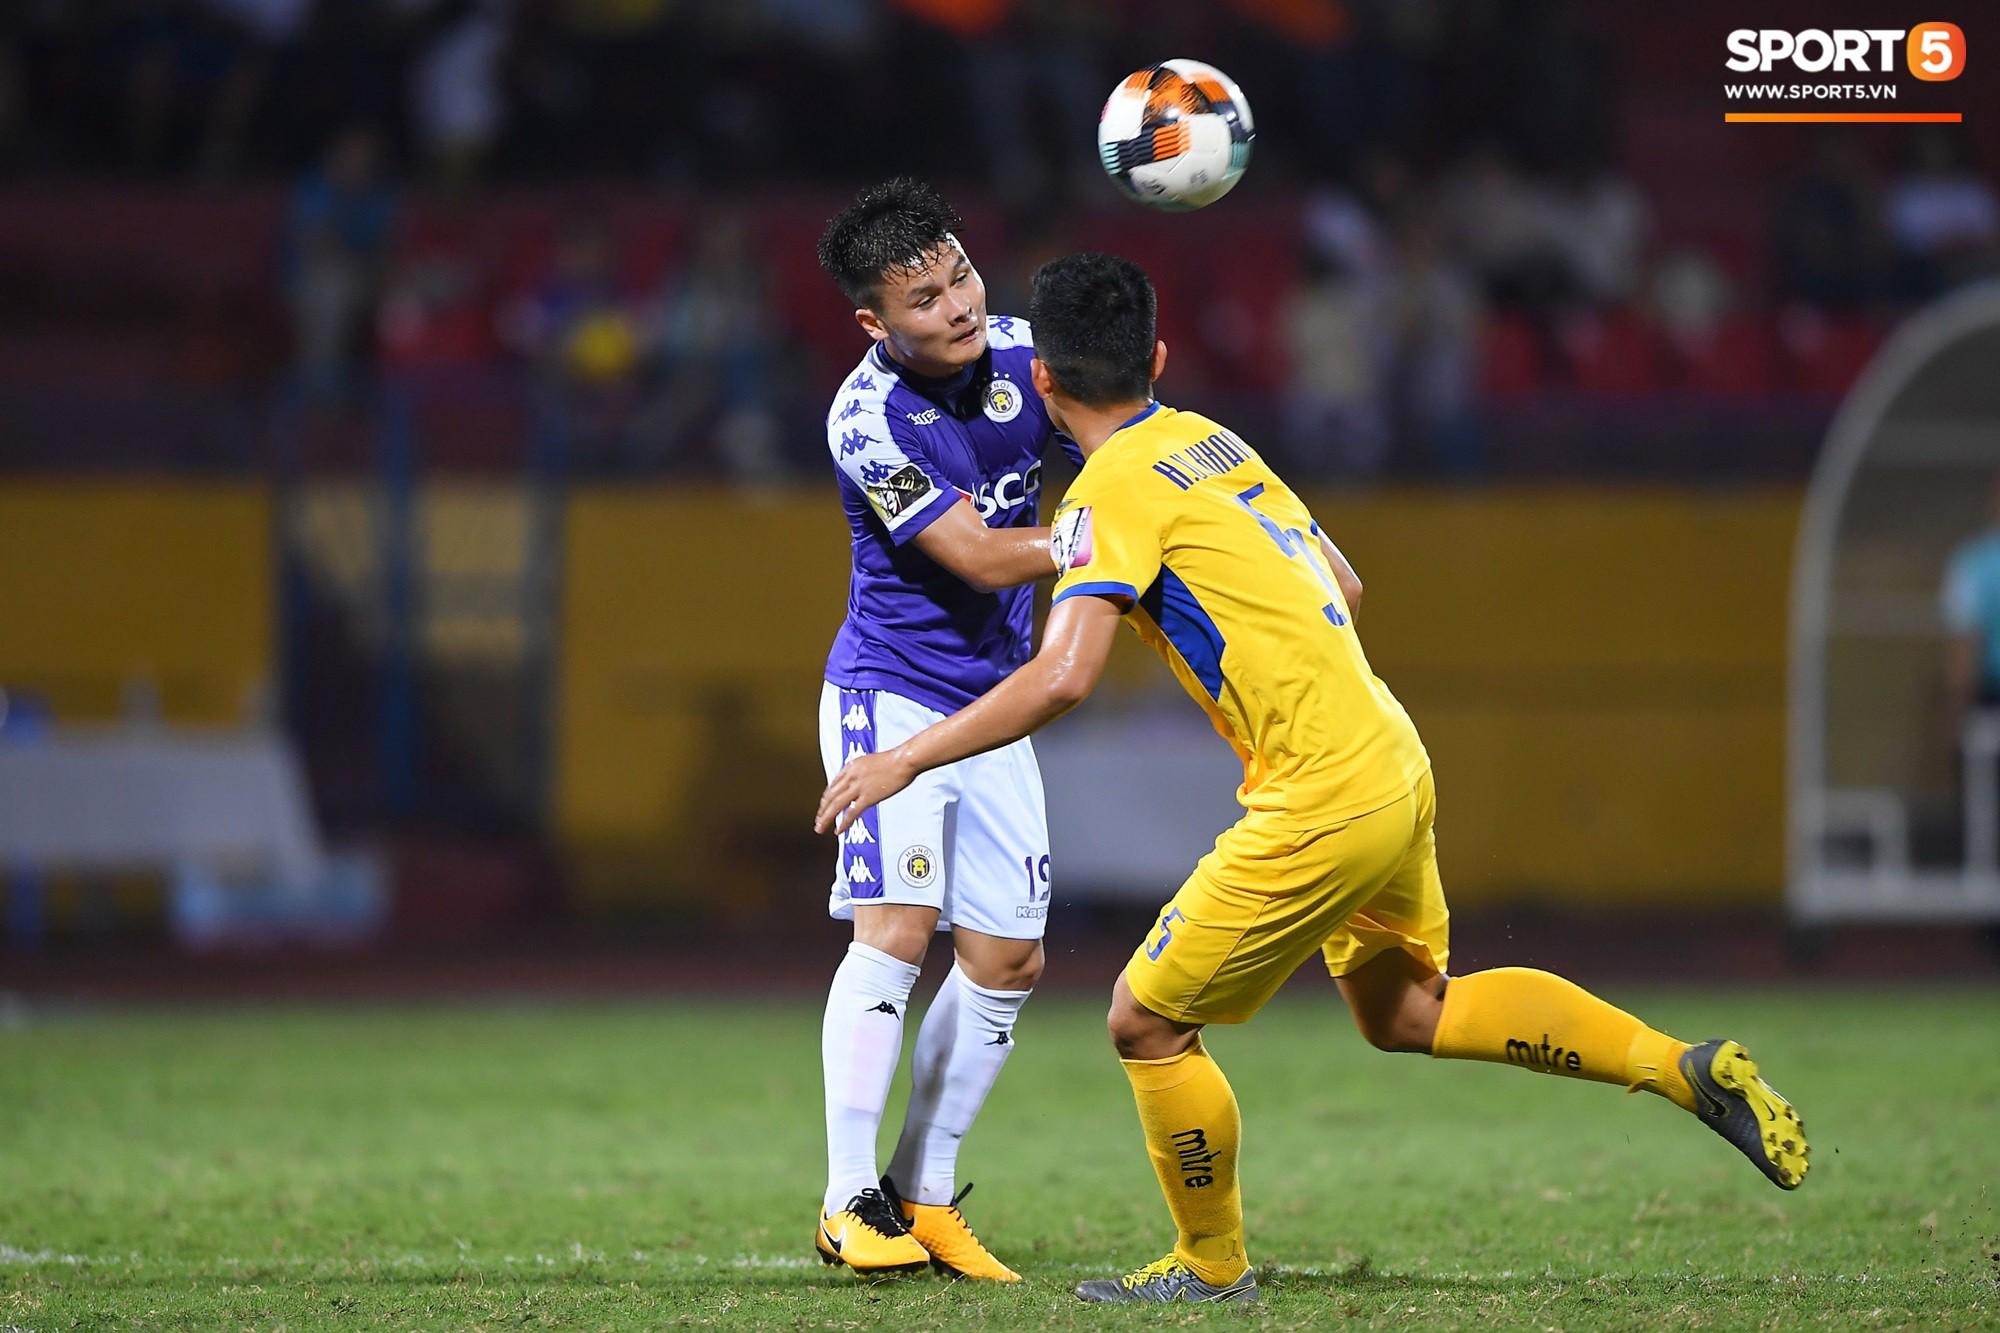 HLV Park Hang Seo xuống sân chúc mừng trò cưng Quang Hải sau màn trình diễn tuyệt vời-2